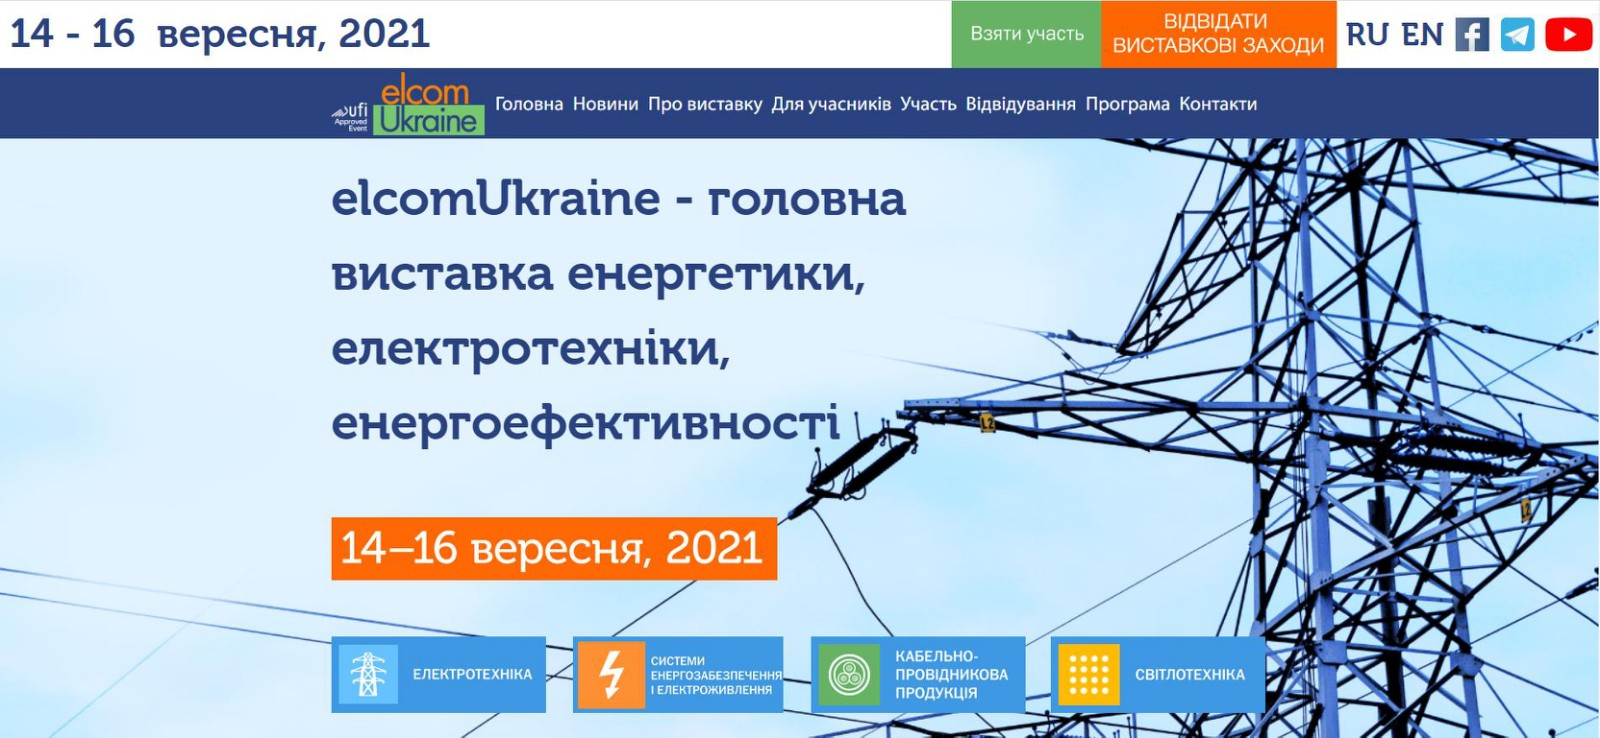 Кабельний завод «ЄВРОПАН» візьме участь у виставці elcomUkraine 2021